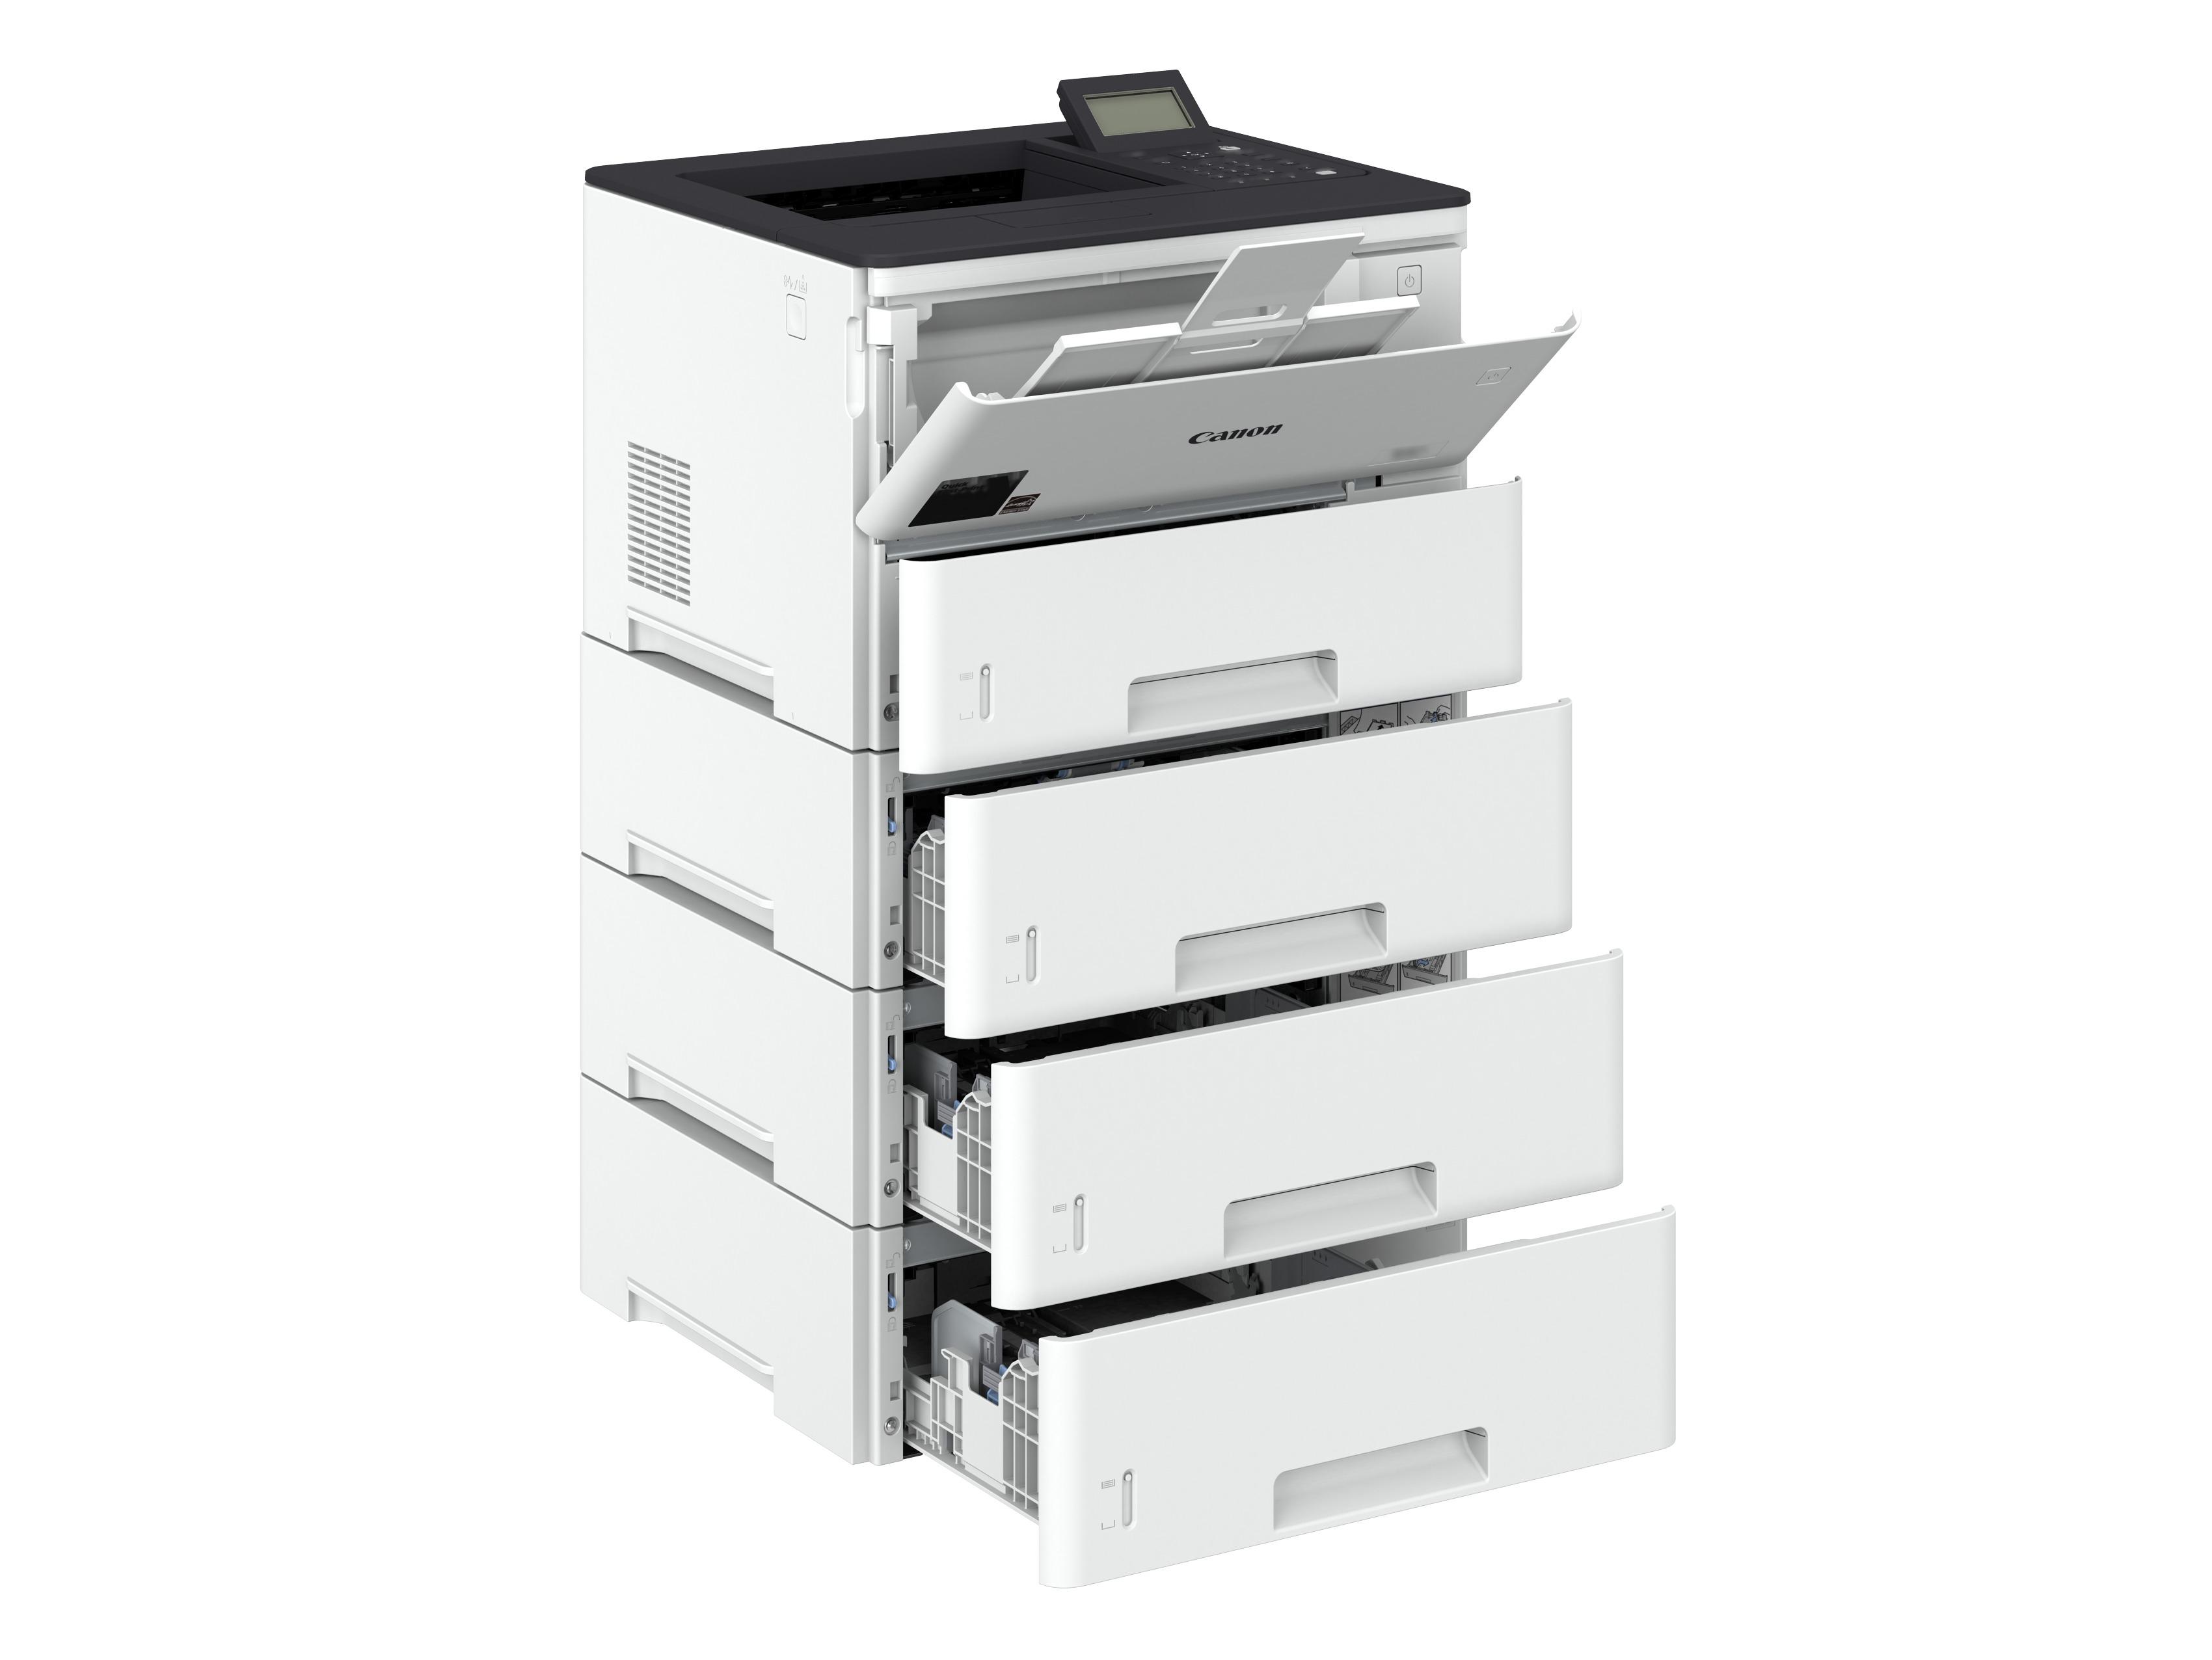 Принтер Canon i-SENSYS LBP312x для черно-белой печати (с 3 дополнительными кассетами для бумаги на 550 листов каждая)